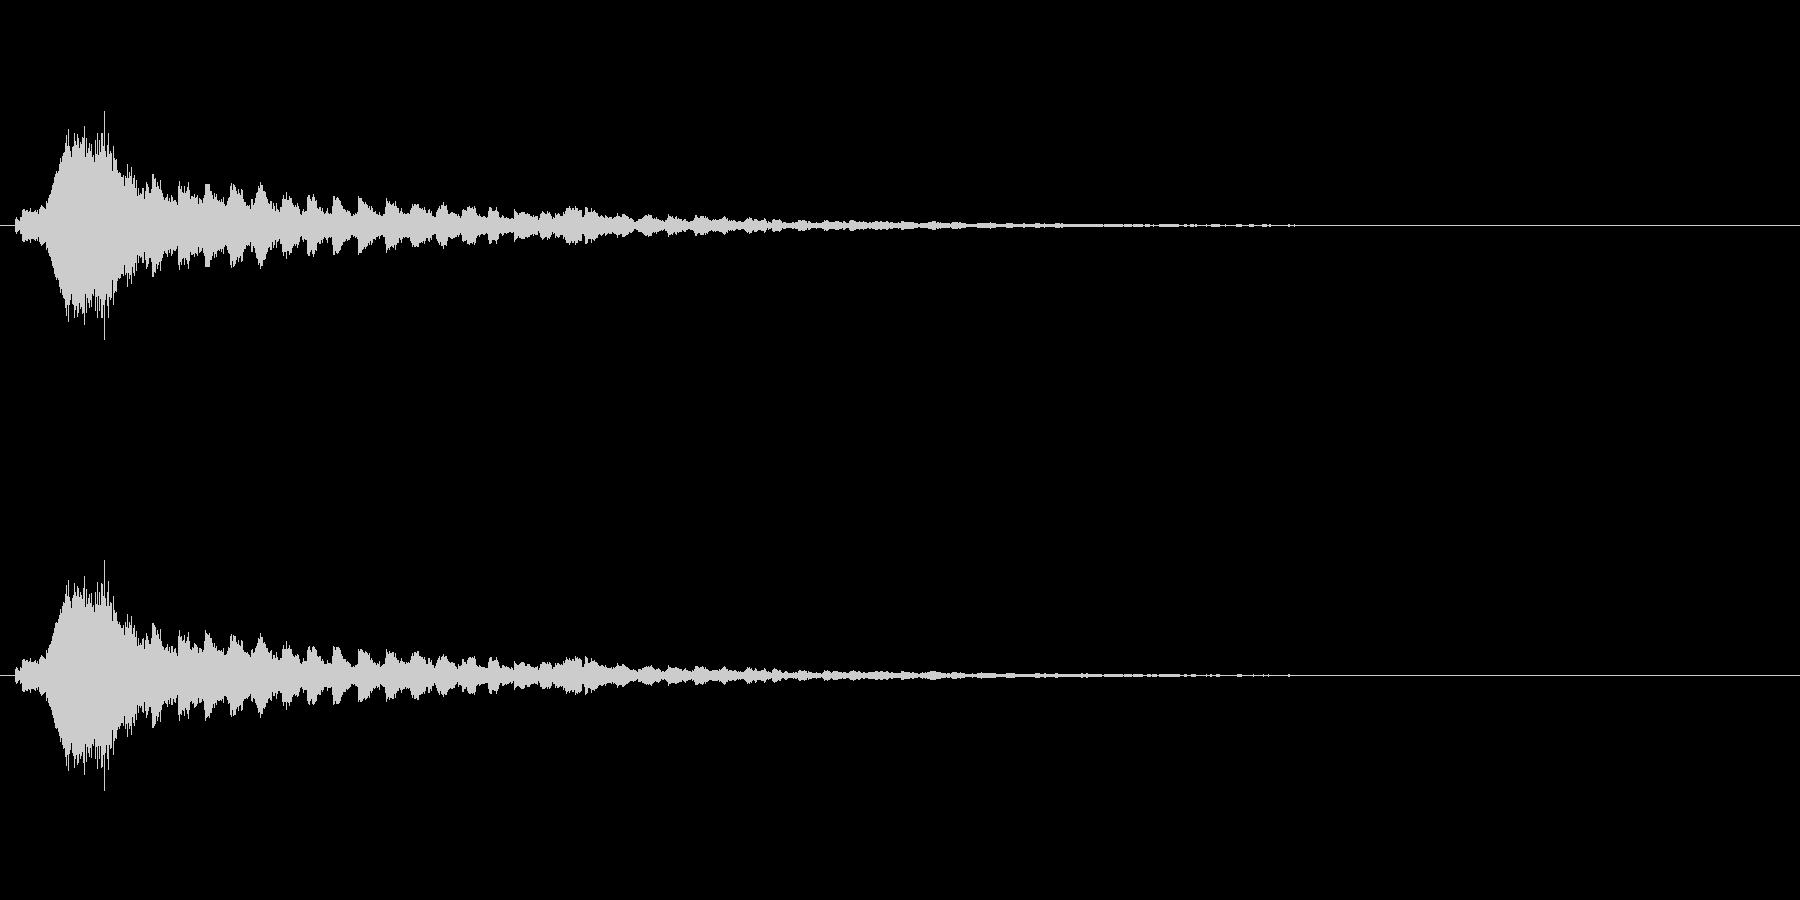 【ショートブリッジ11-3】の未再生の波形